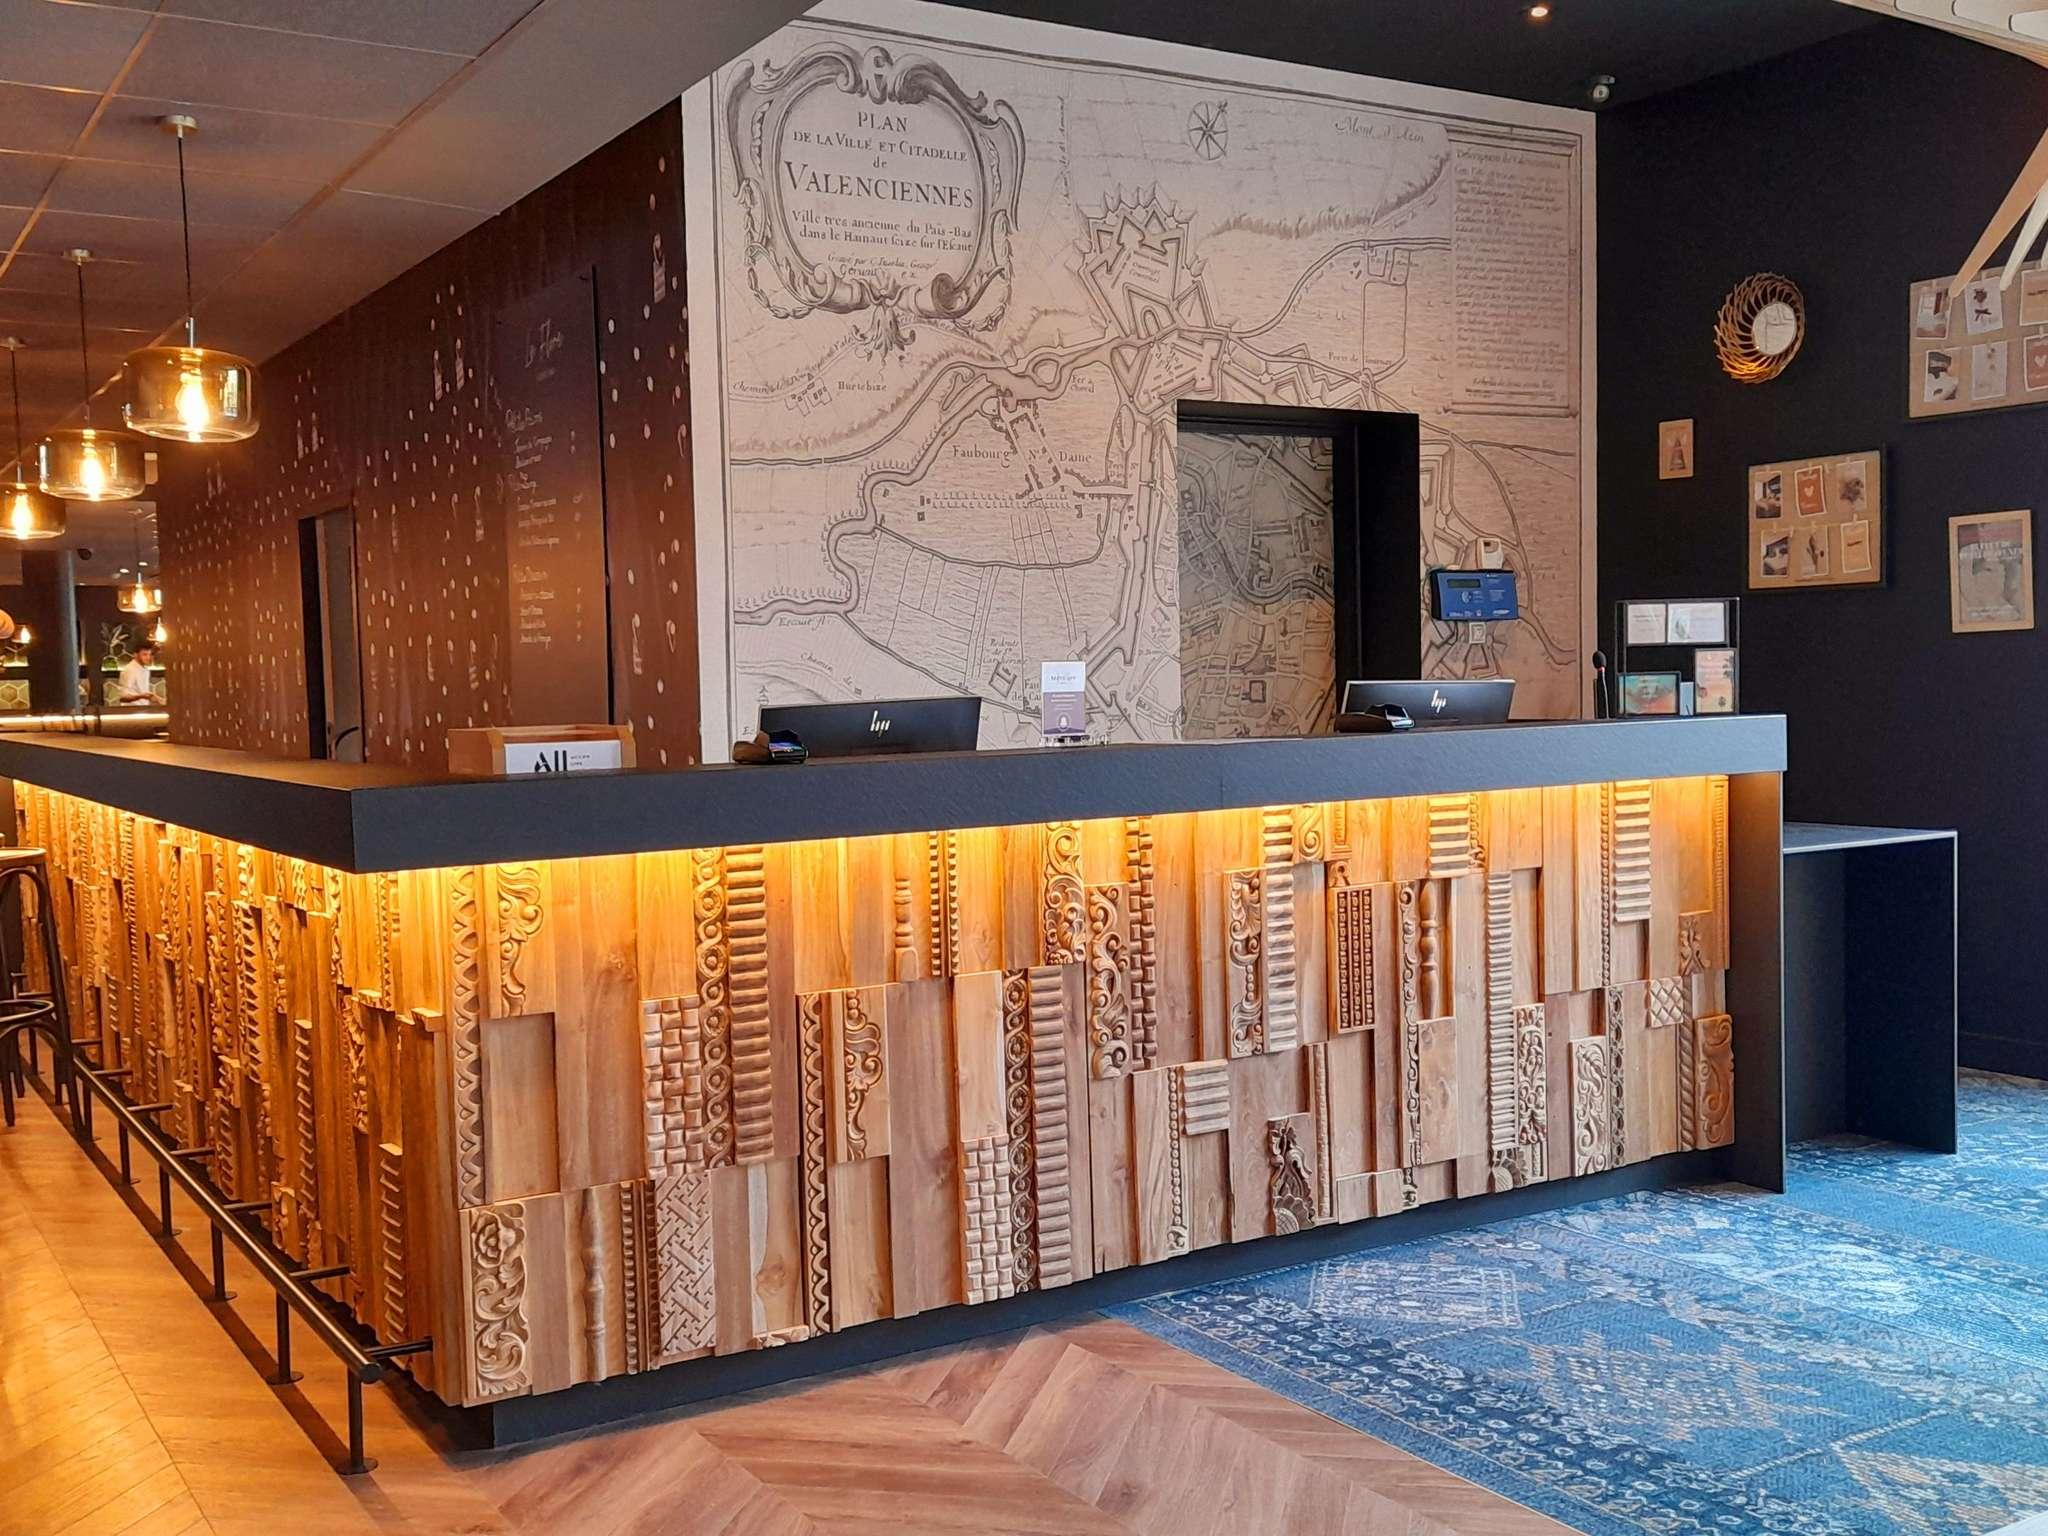 โรงแรม – Hôtel Mercure Valenciennes Centre